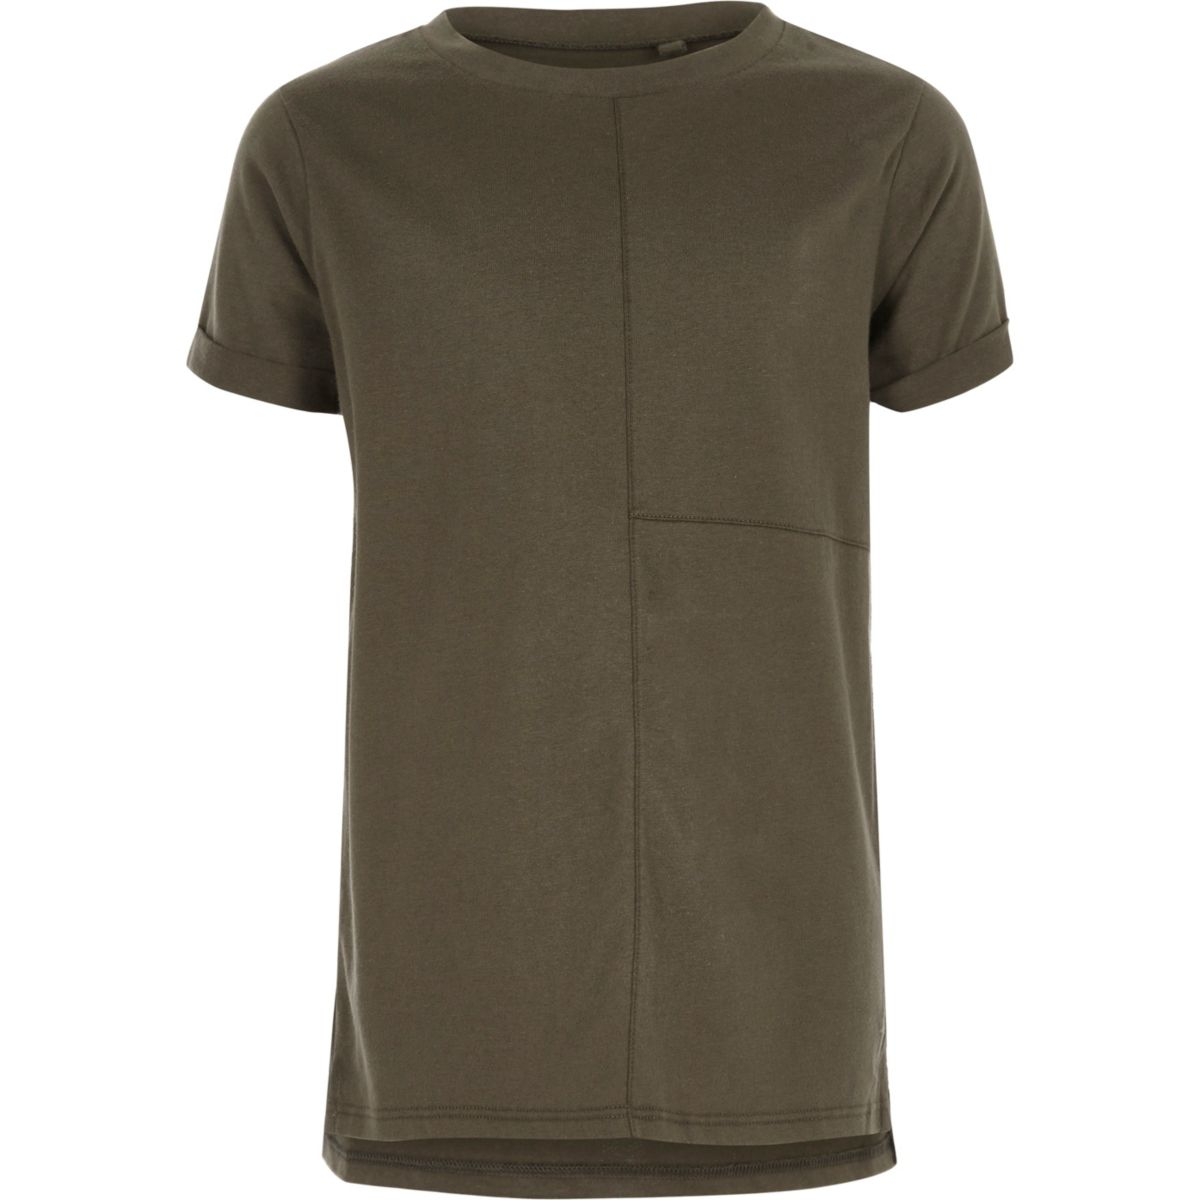 Boys khaki seam detail T-shirt